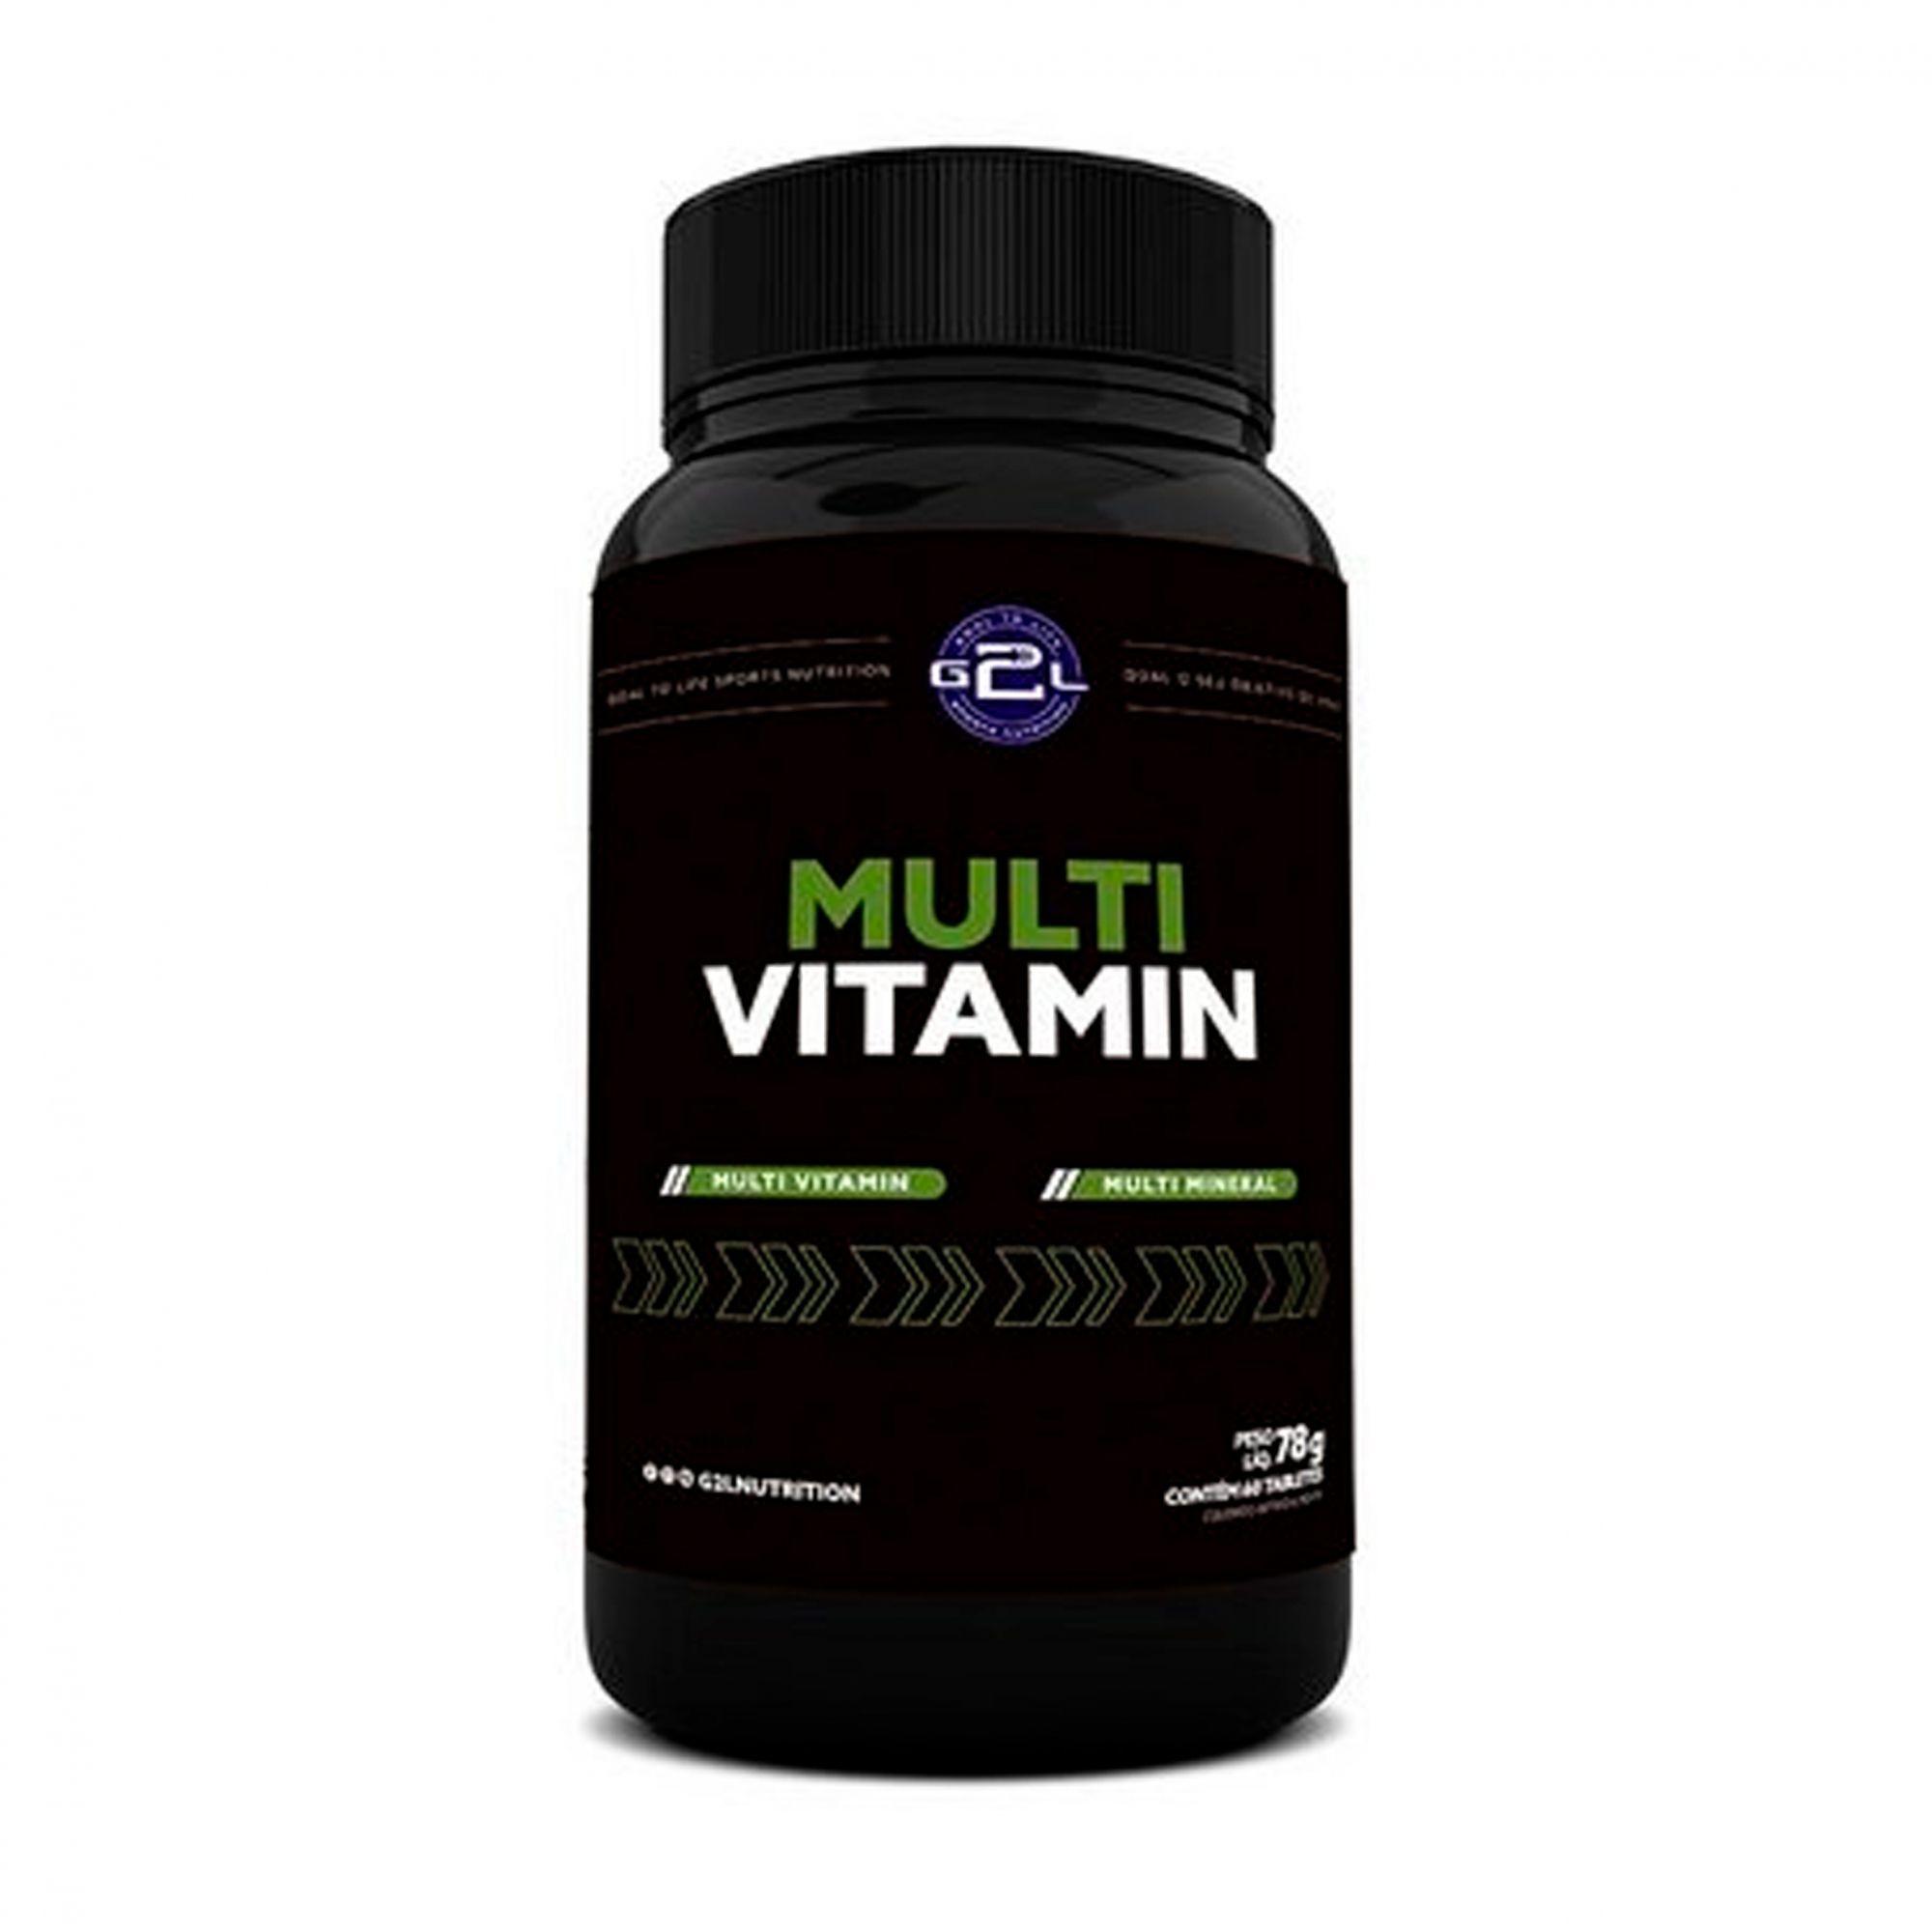 Multi Vitamin 60tabs G2L